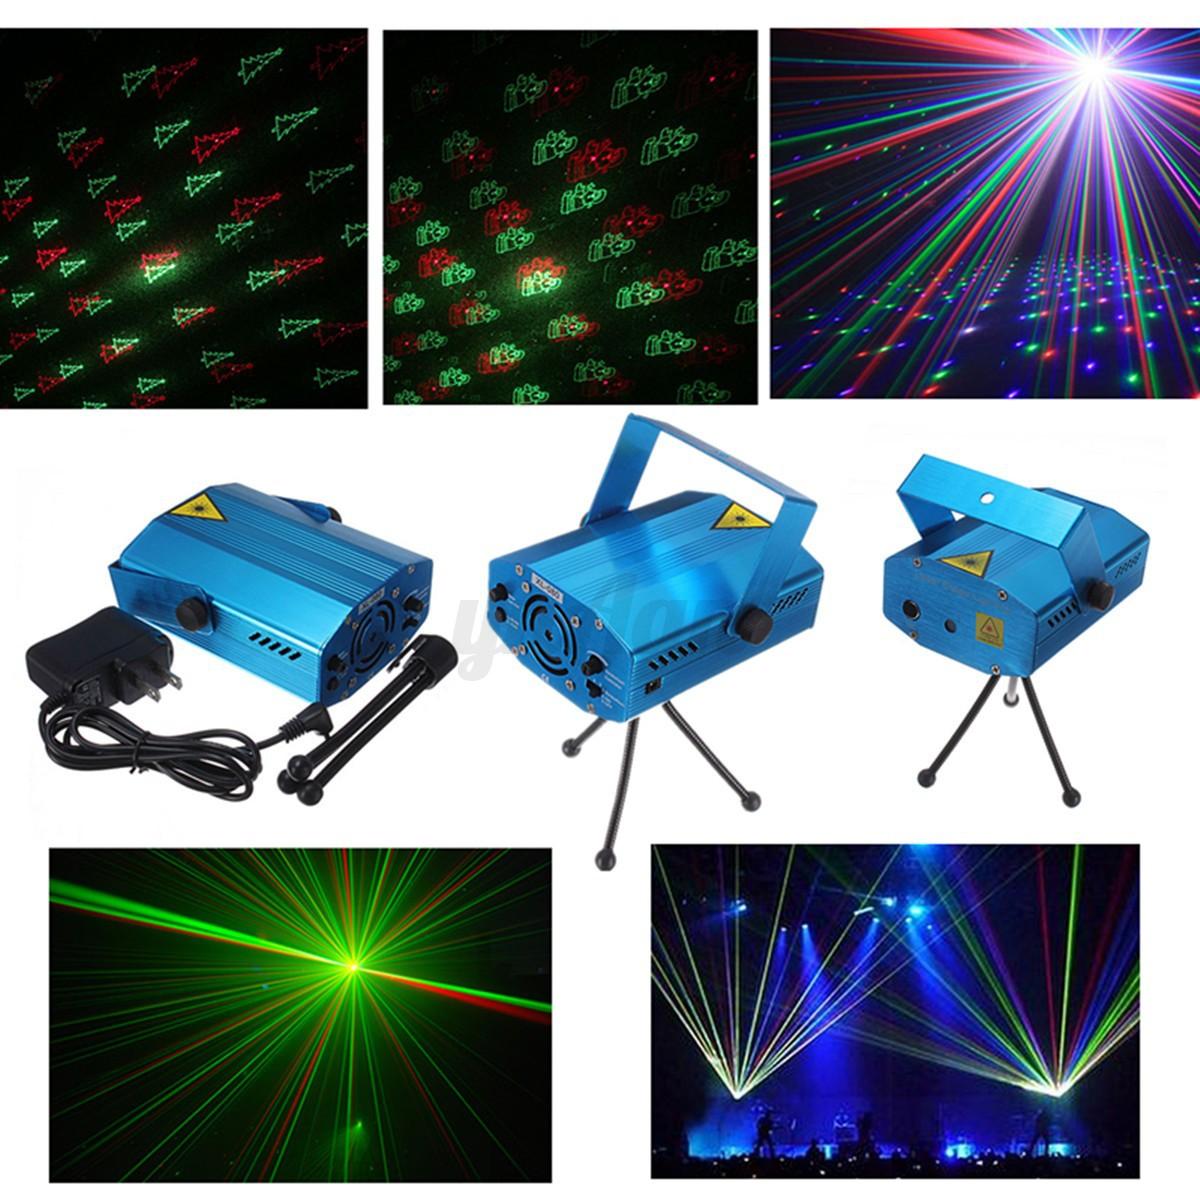 2x 6en1 rouge vert led laser eclairage projecteur stage - Projecteur lumiere noel ...